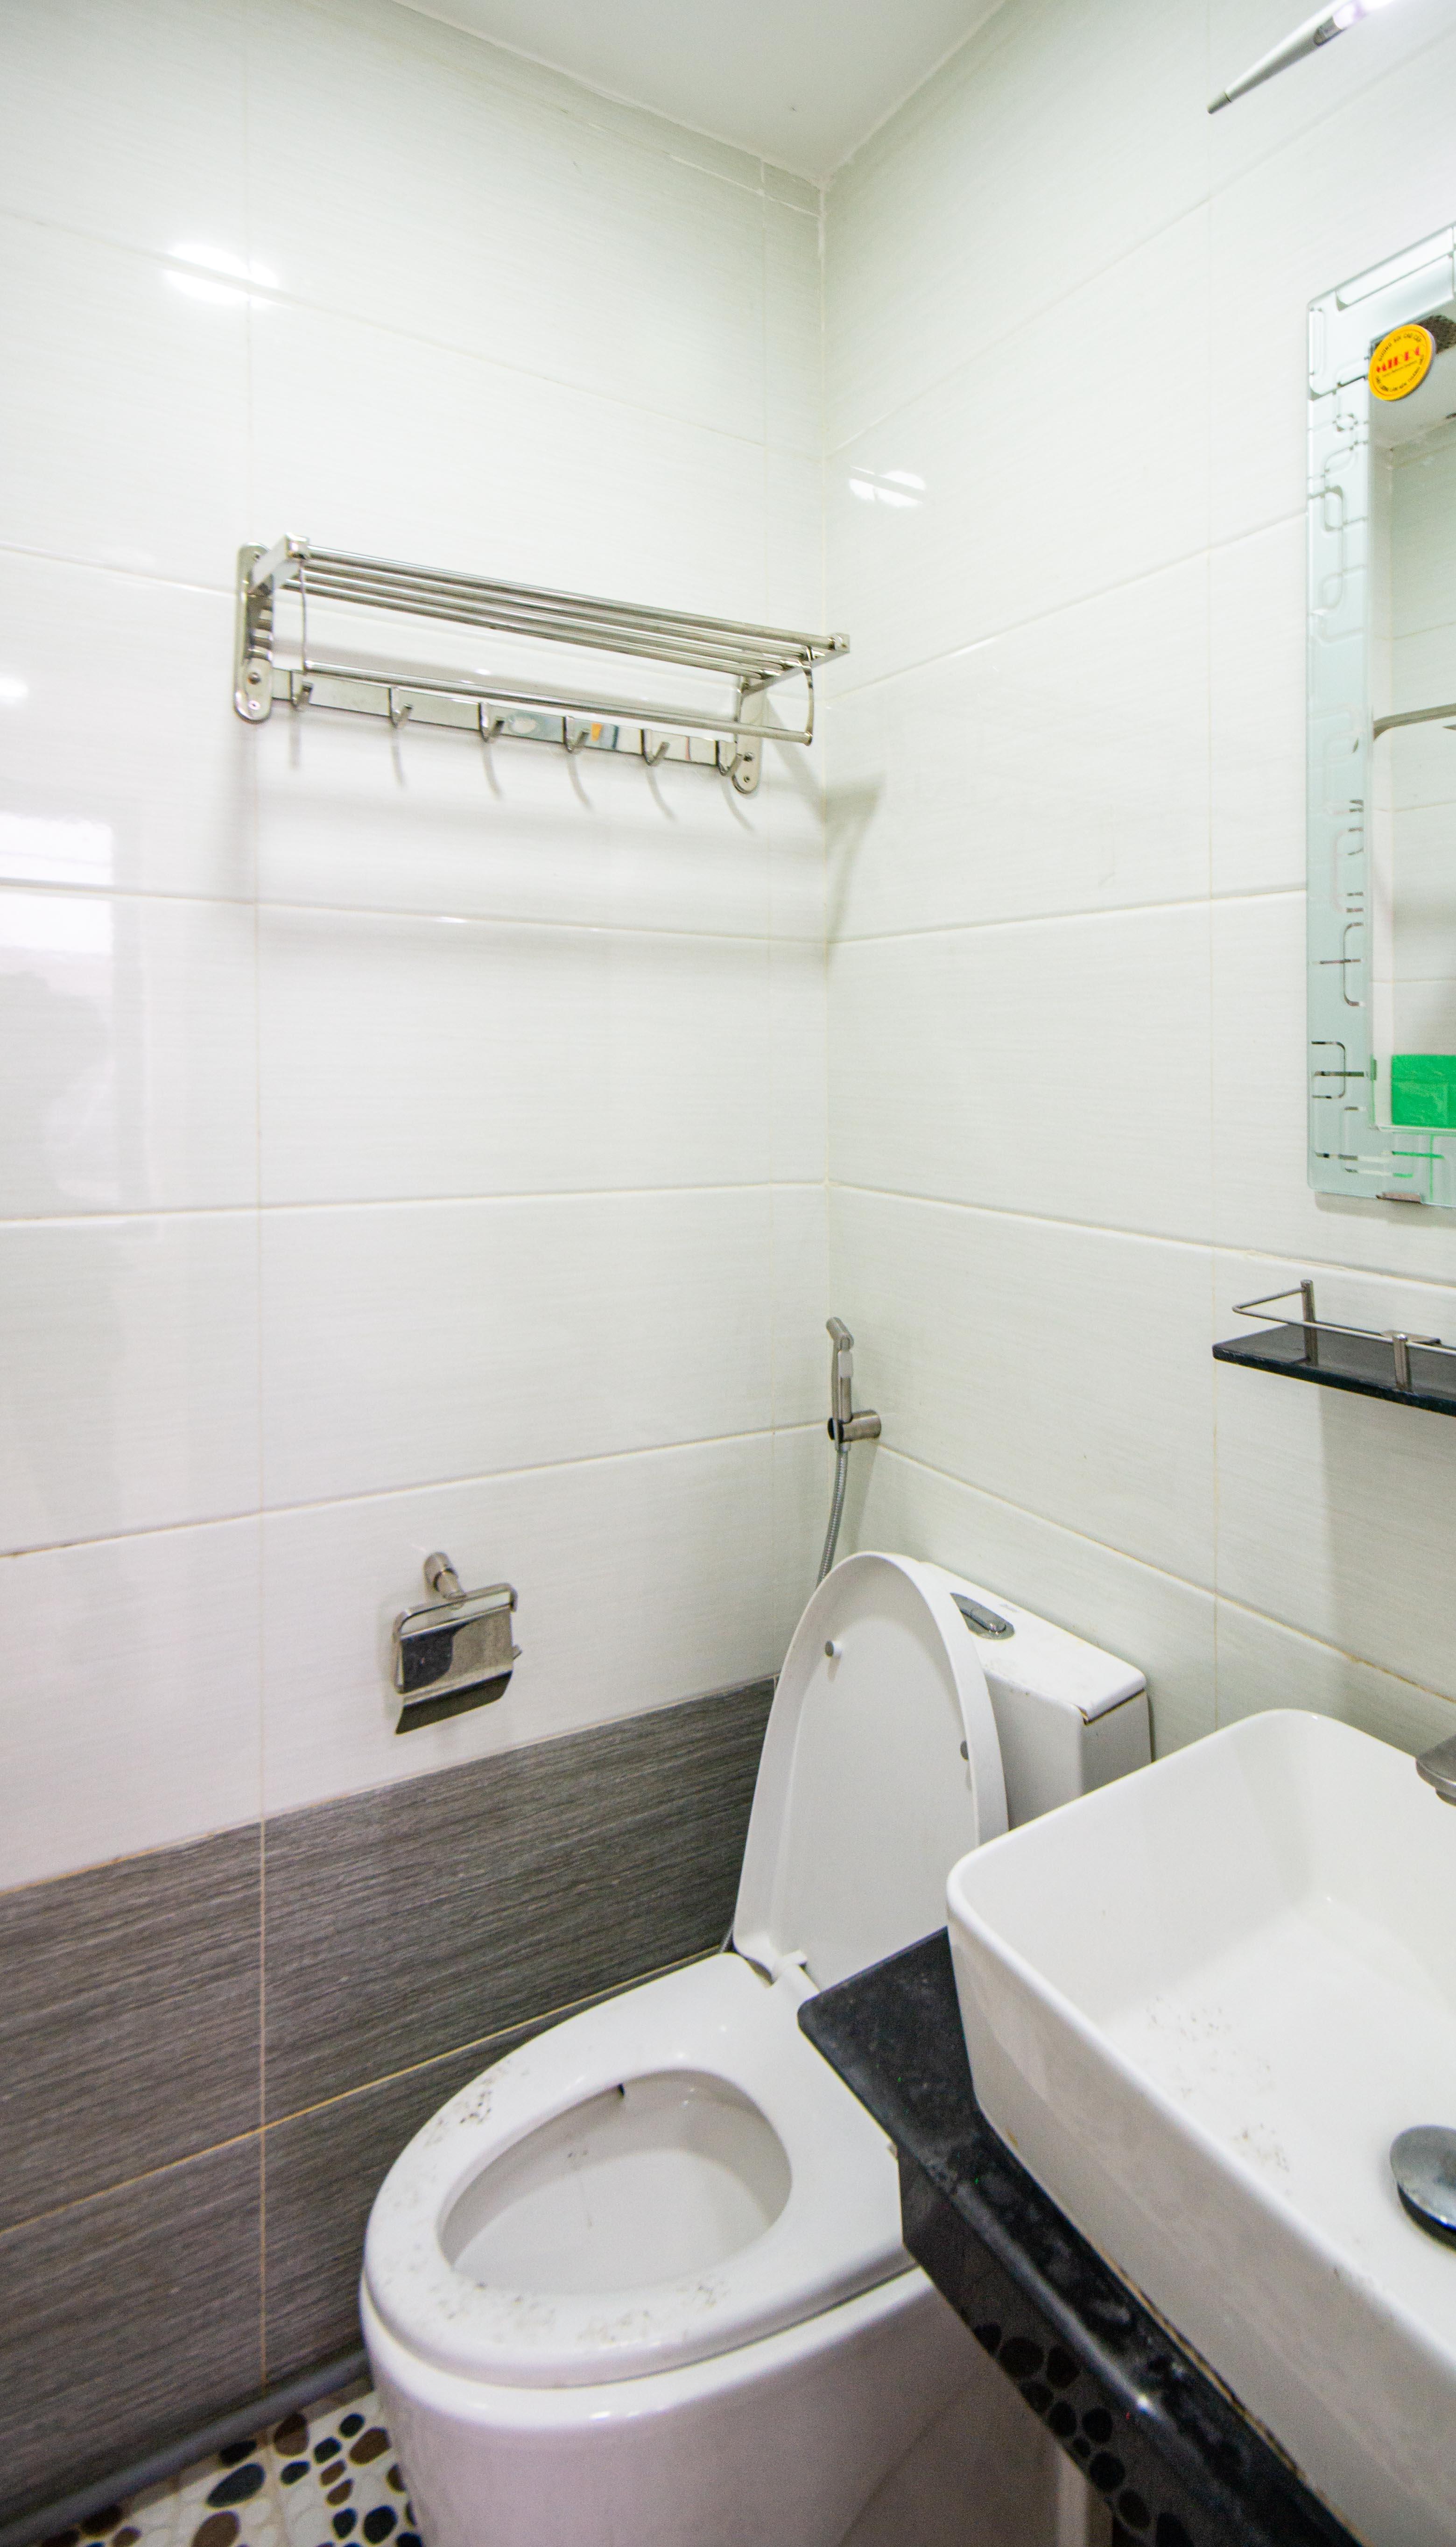 Cho Thuê Căn hộ 1 PN Trần Văn Đang Apartment - Ban Công Rộng Rãi -2